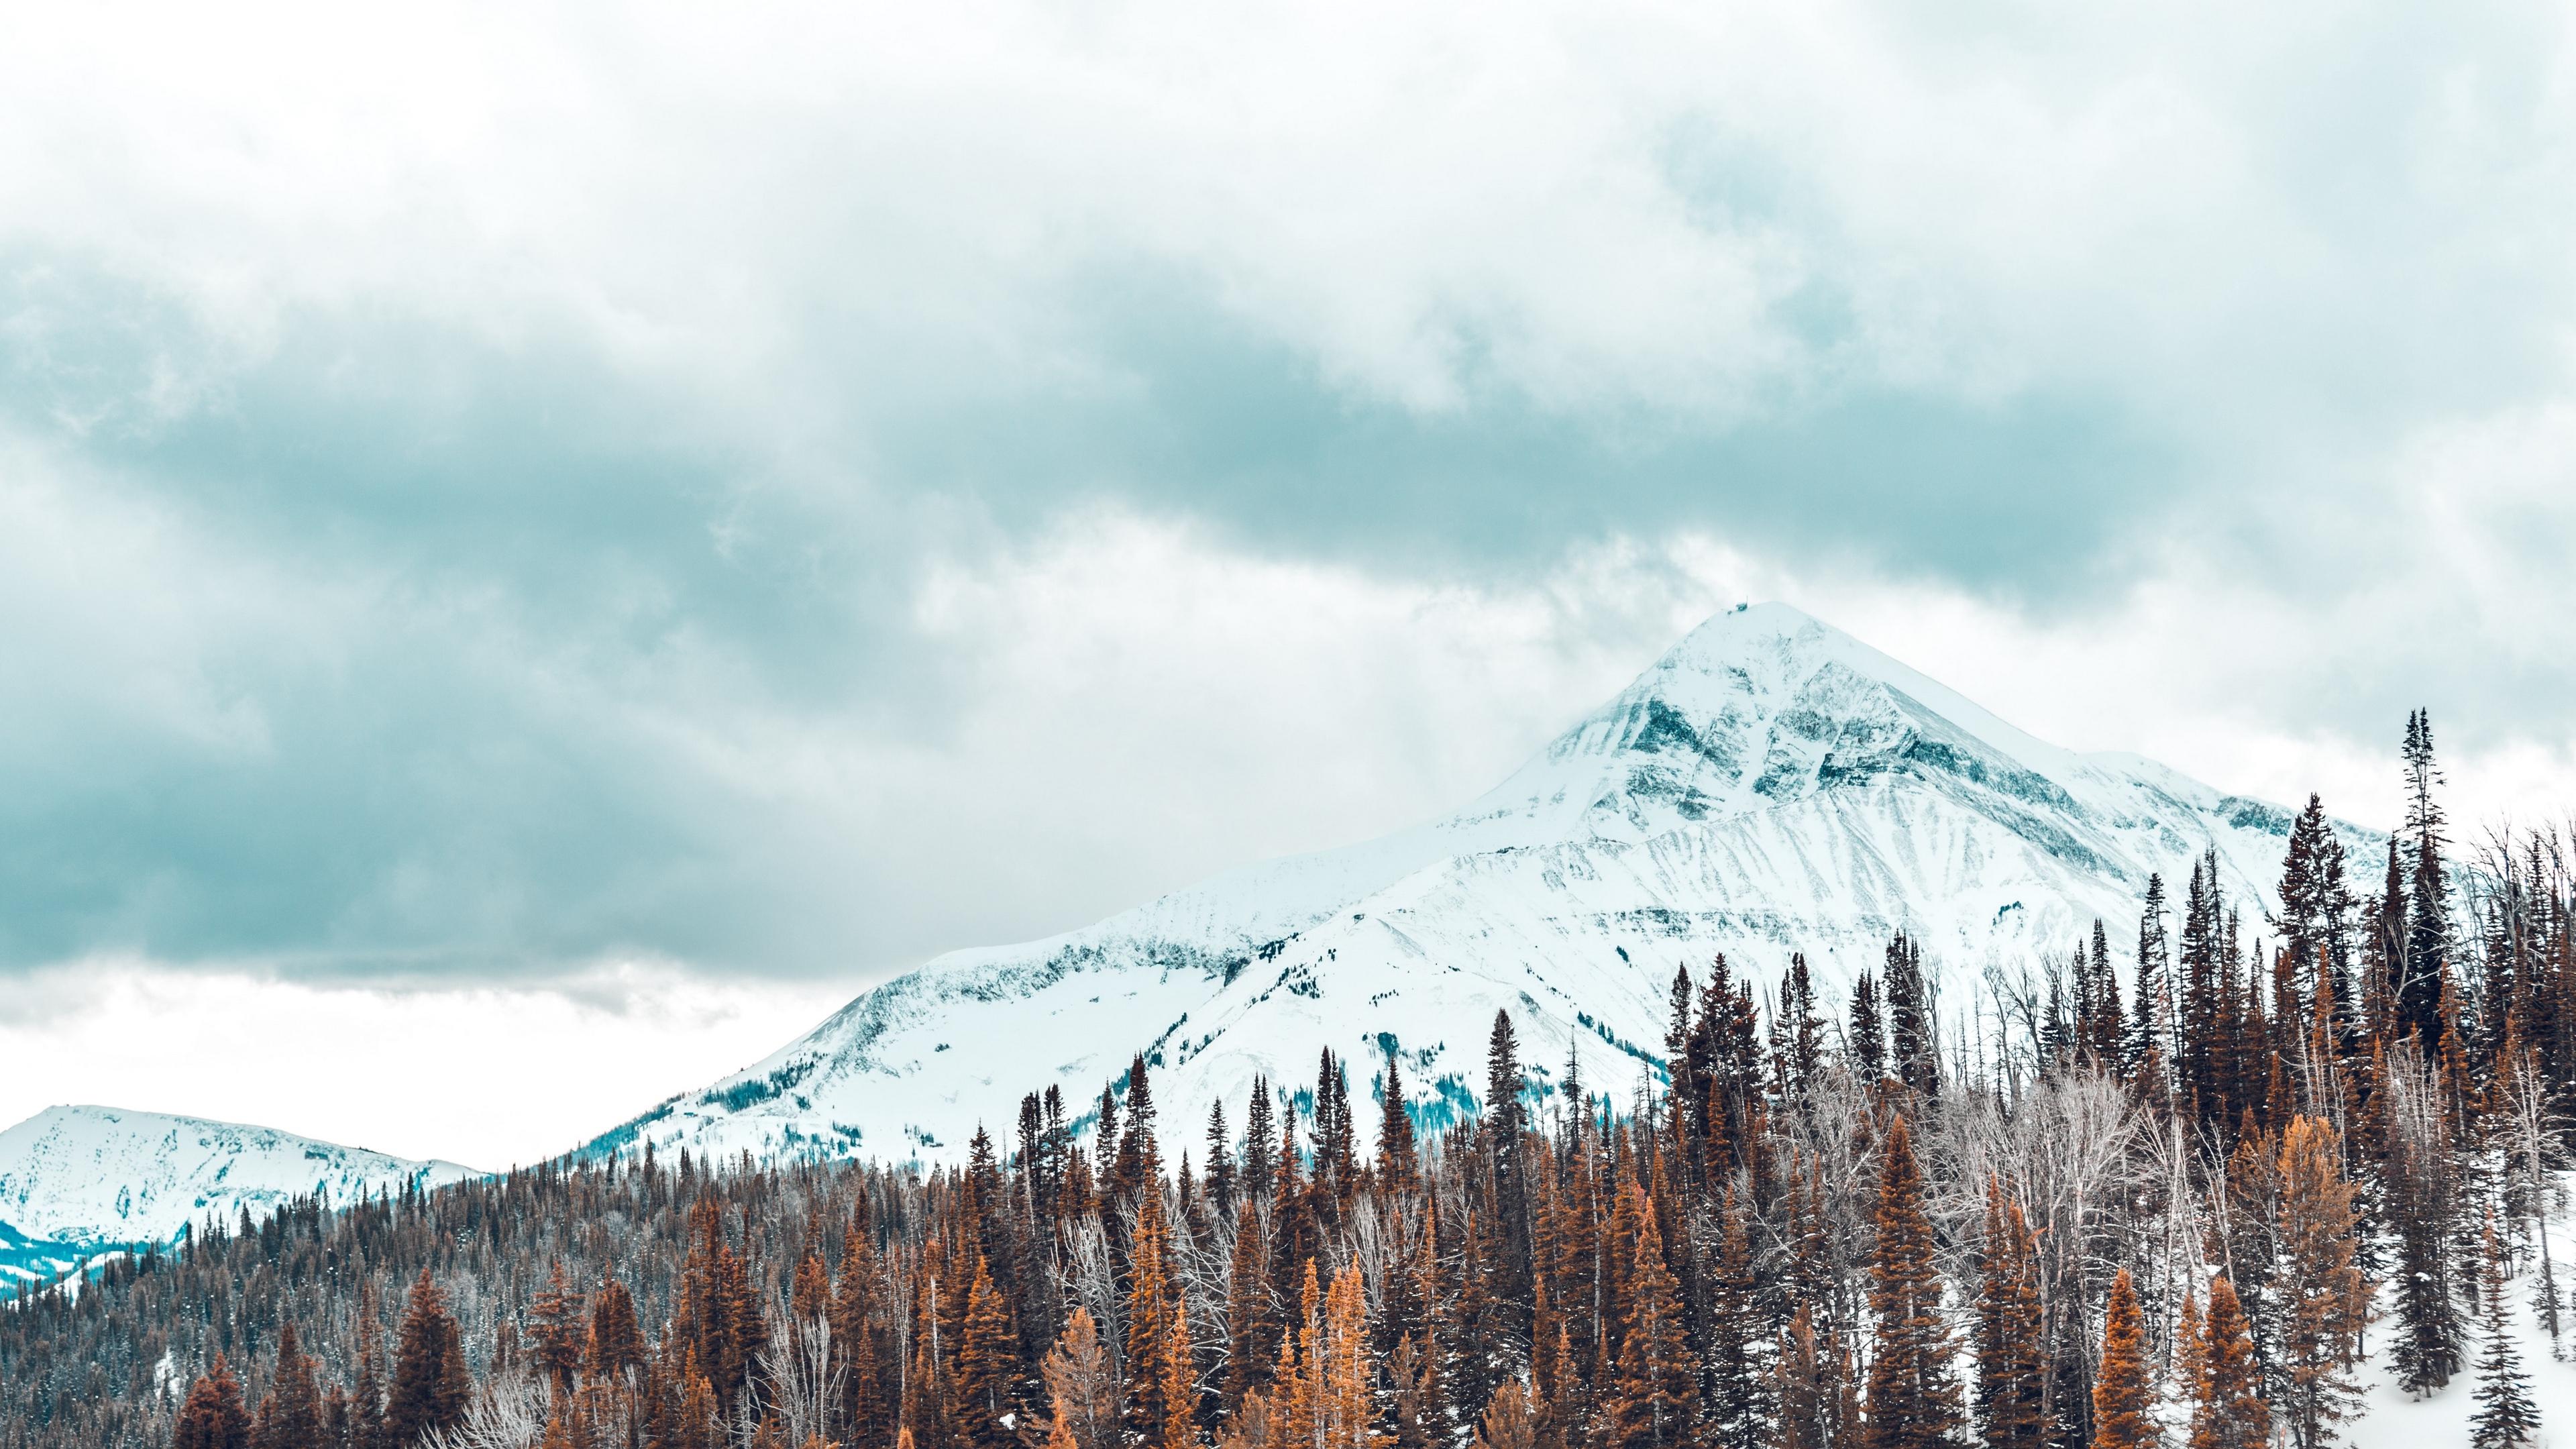 mountains snow covered trees 4k 1541115093 - mountains, snow-covered, trees 4k - Trees, snow-covered, Mountains